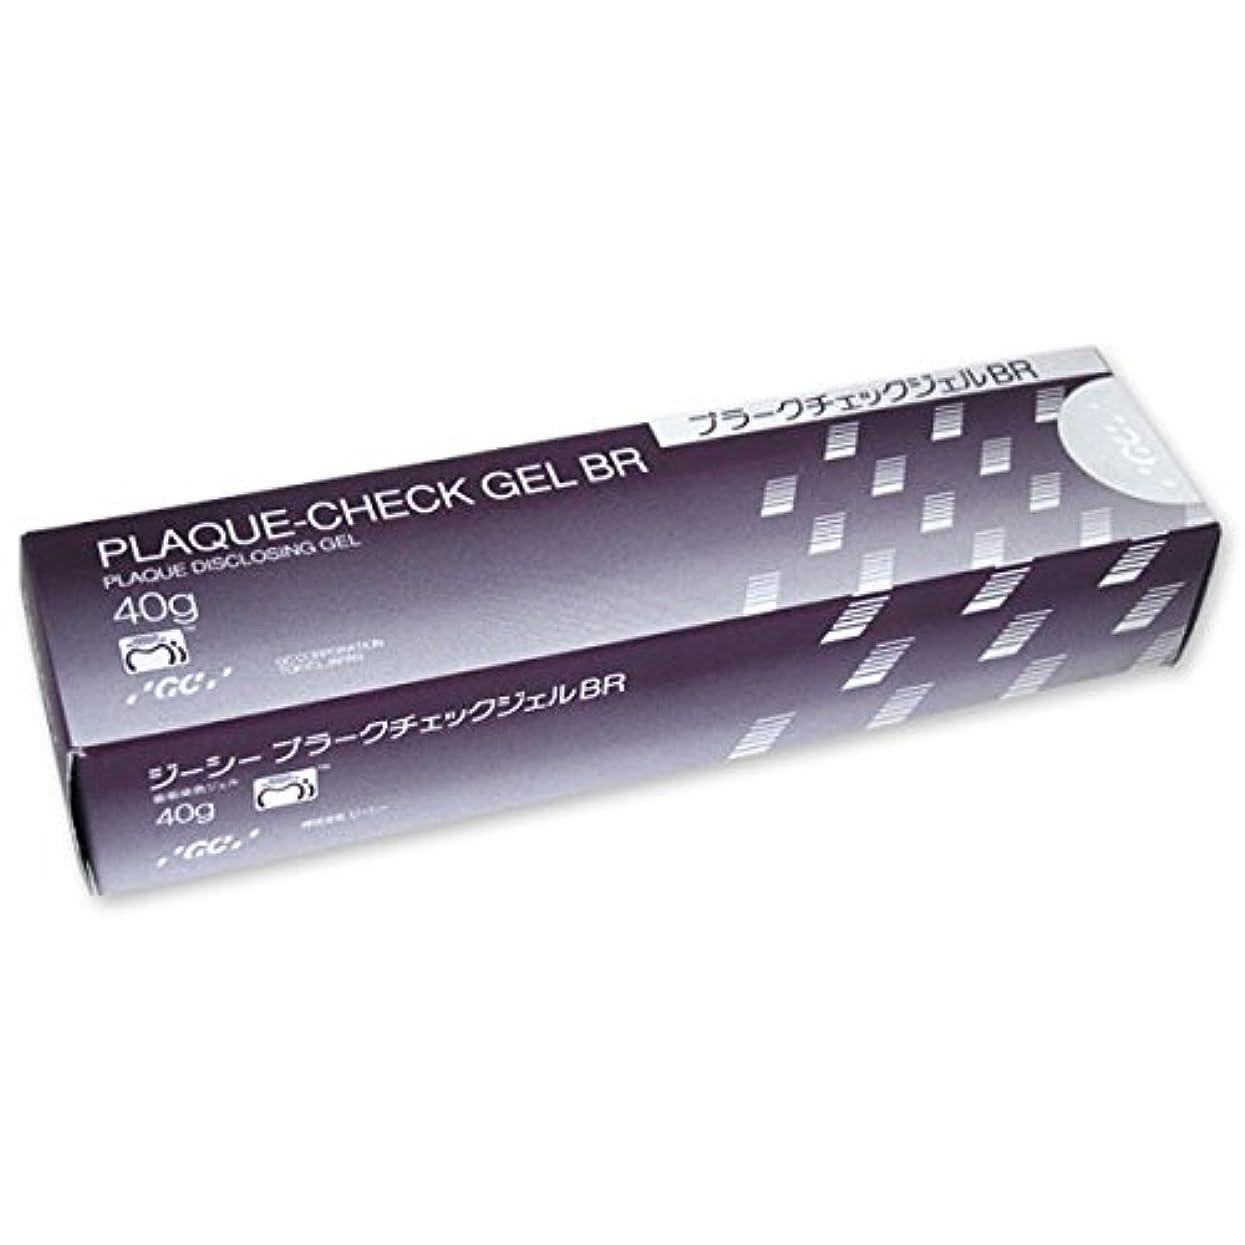 一貫性のない放課後気がついてプロスペック プロスペック プラークチェックジェルBR 歯垢染色 40g単品